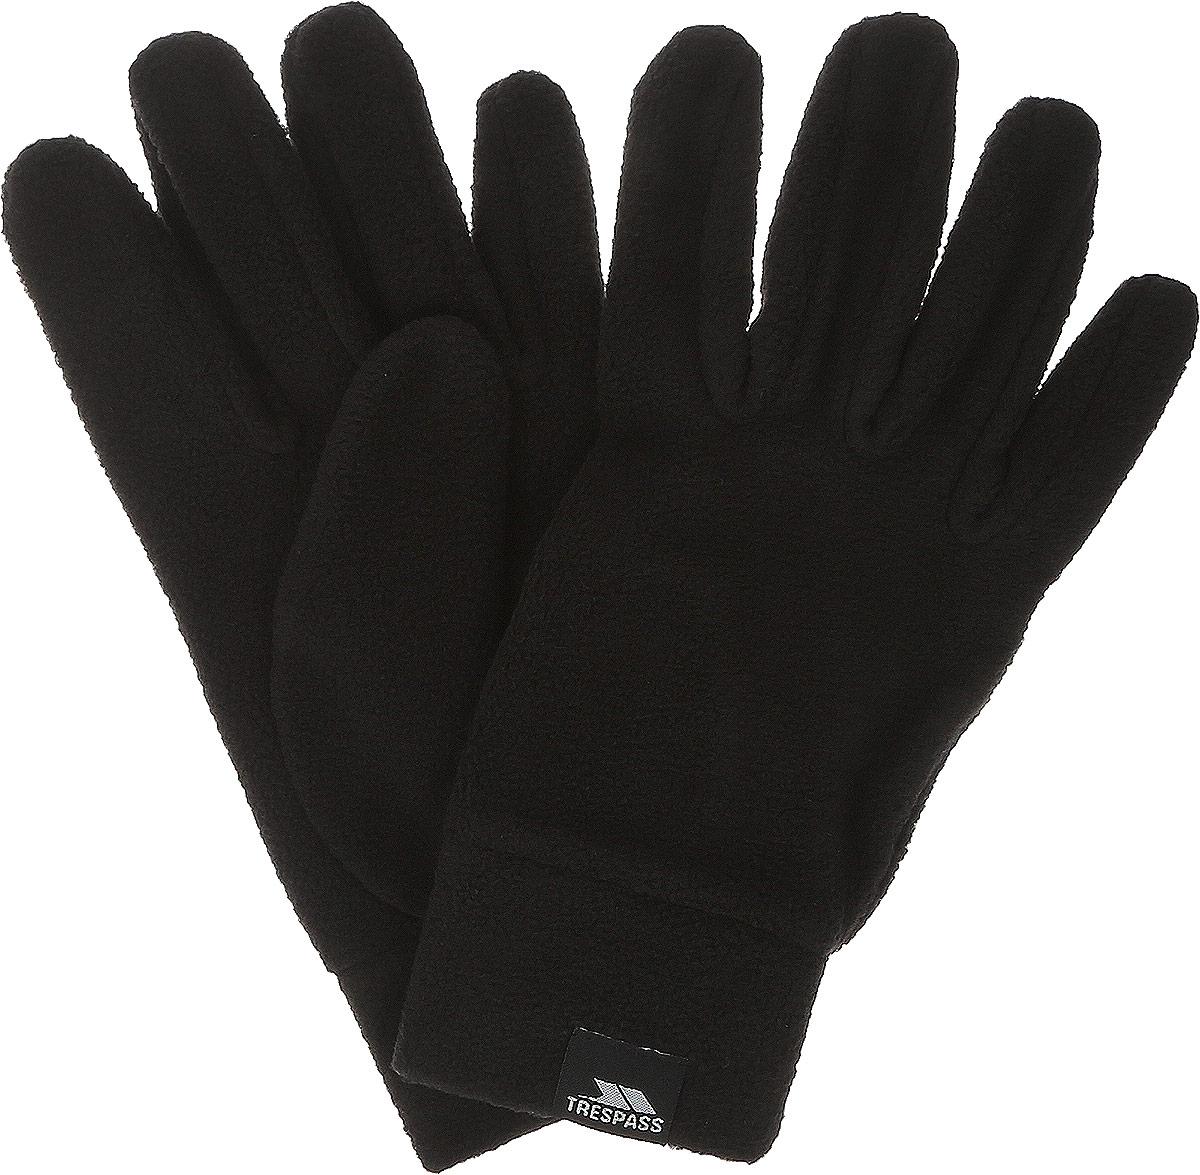 Перчатки мужские Trespass Gaunt_II, цвет: черный. MAGLGLM20002. Размер L (9)MAGLGLM20002Тонкие теплые перчатки выполнены из микрофлиса 120 г/м2. На запястьях модель дополнена широкими манжетами.